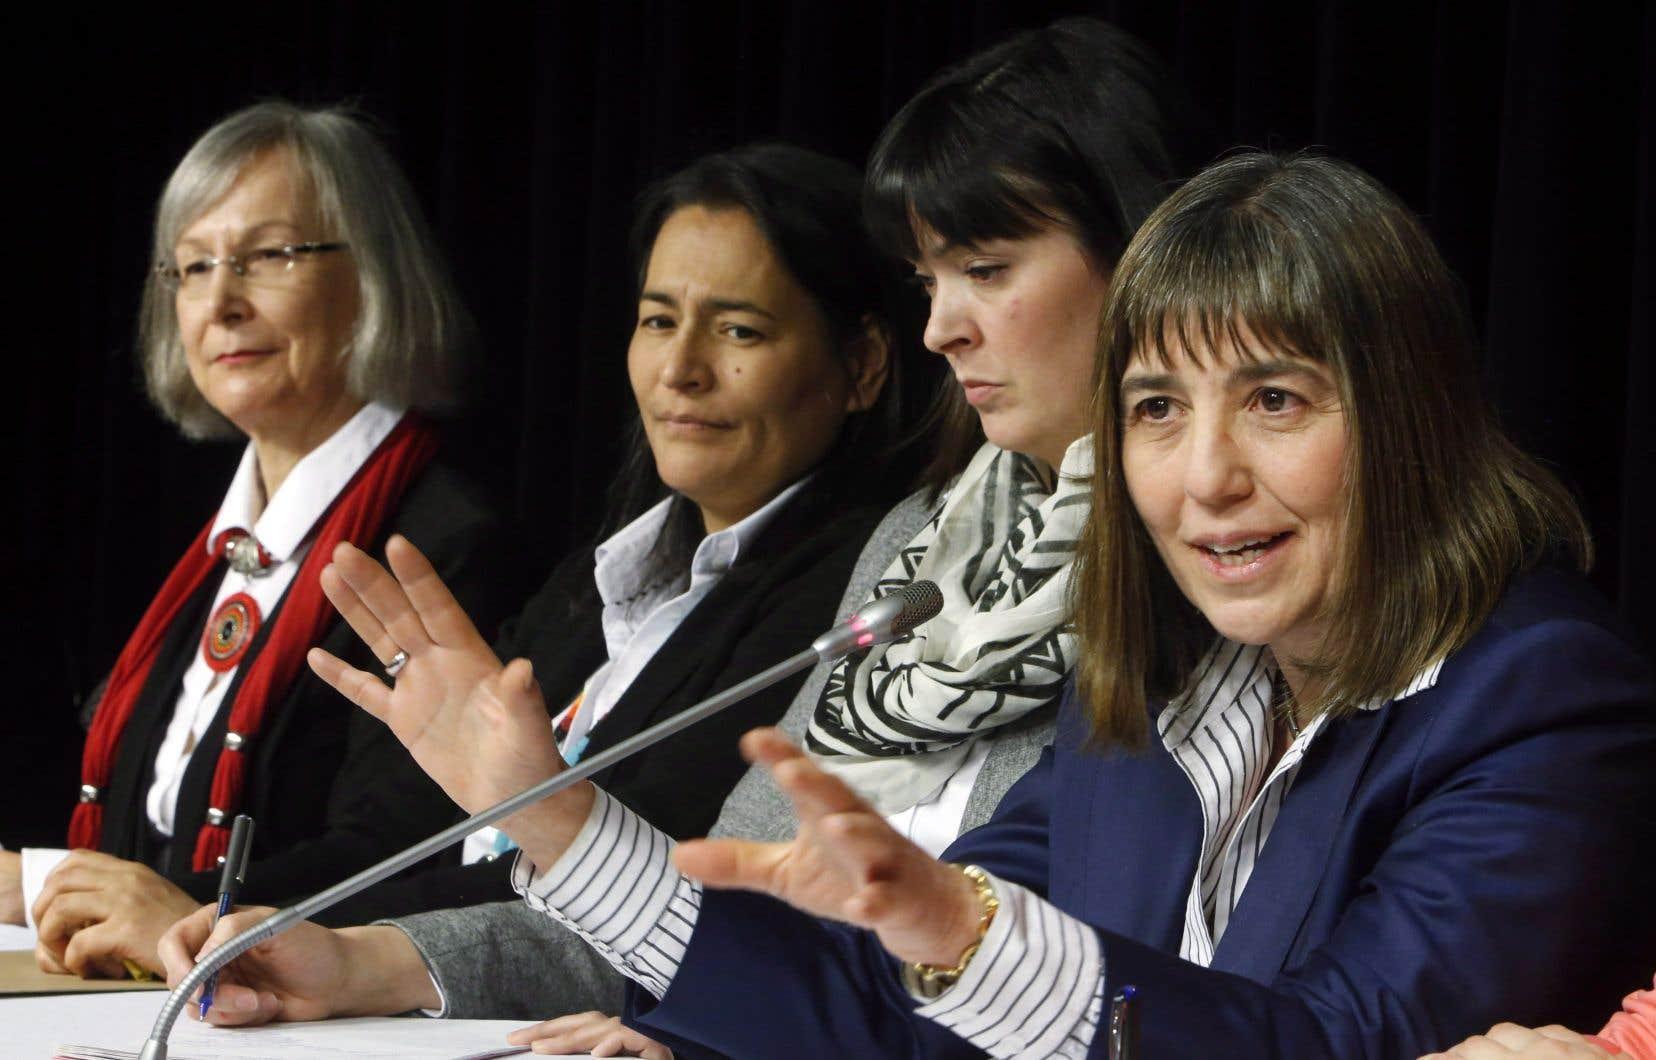 L'annonce signée par Marion Buller, commissaire en chef, survenait le lendemain de l'entrée en poste de sa nouvelle directrice générale.